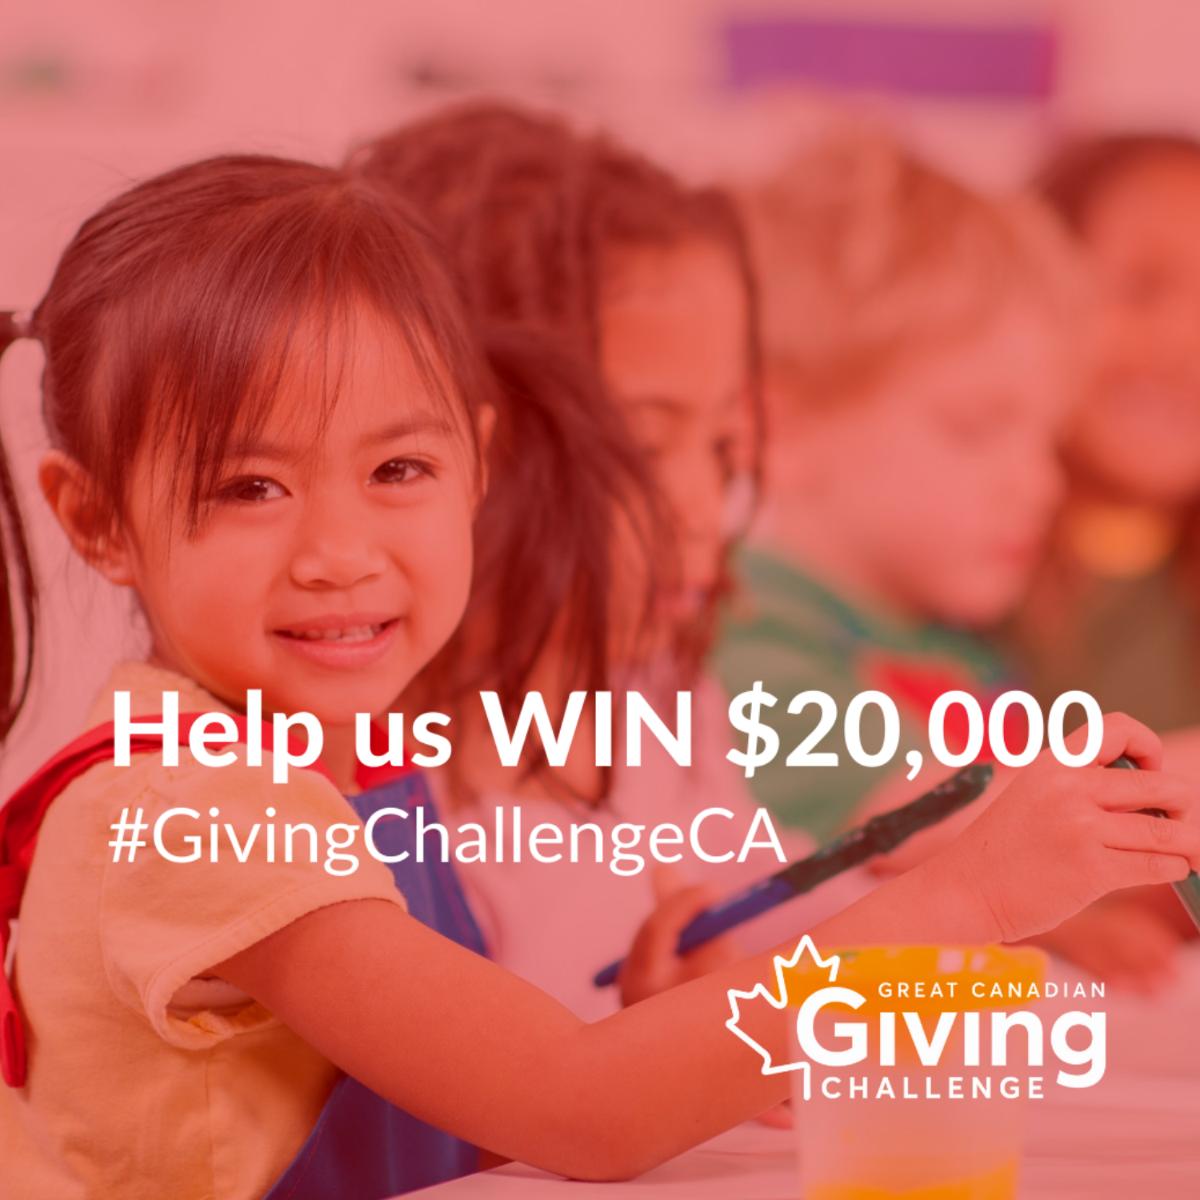 Help us win $20,000. #GivingChallengeCA